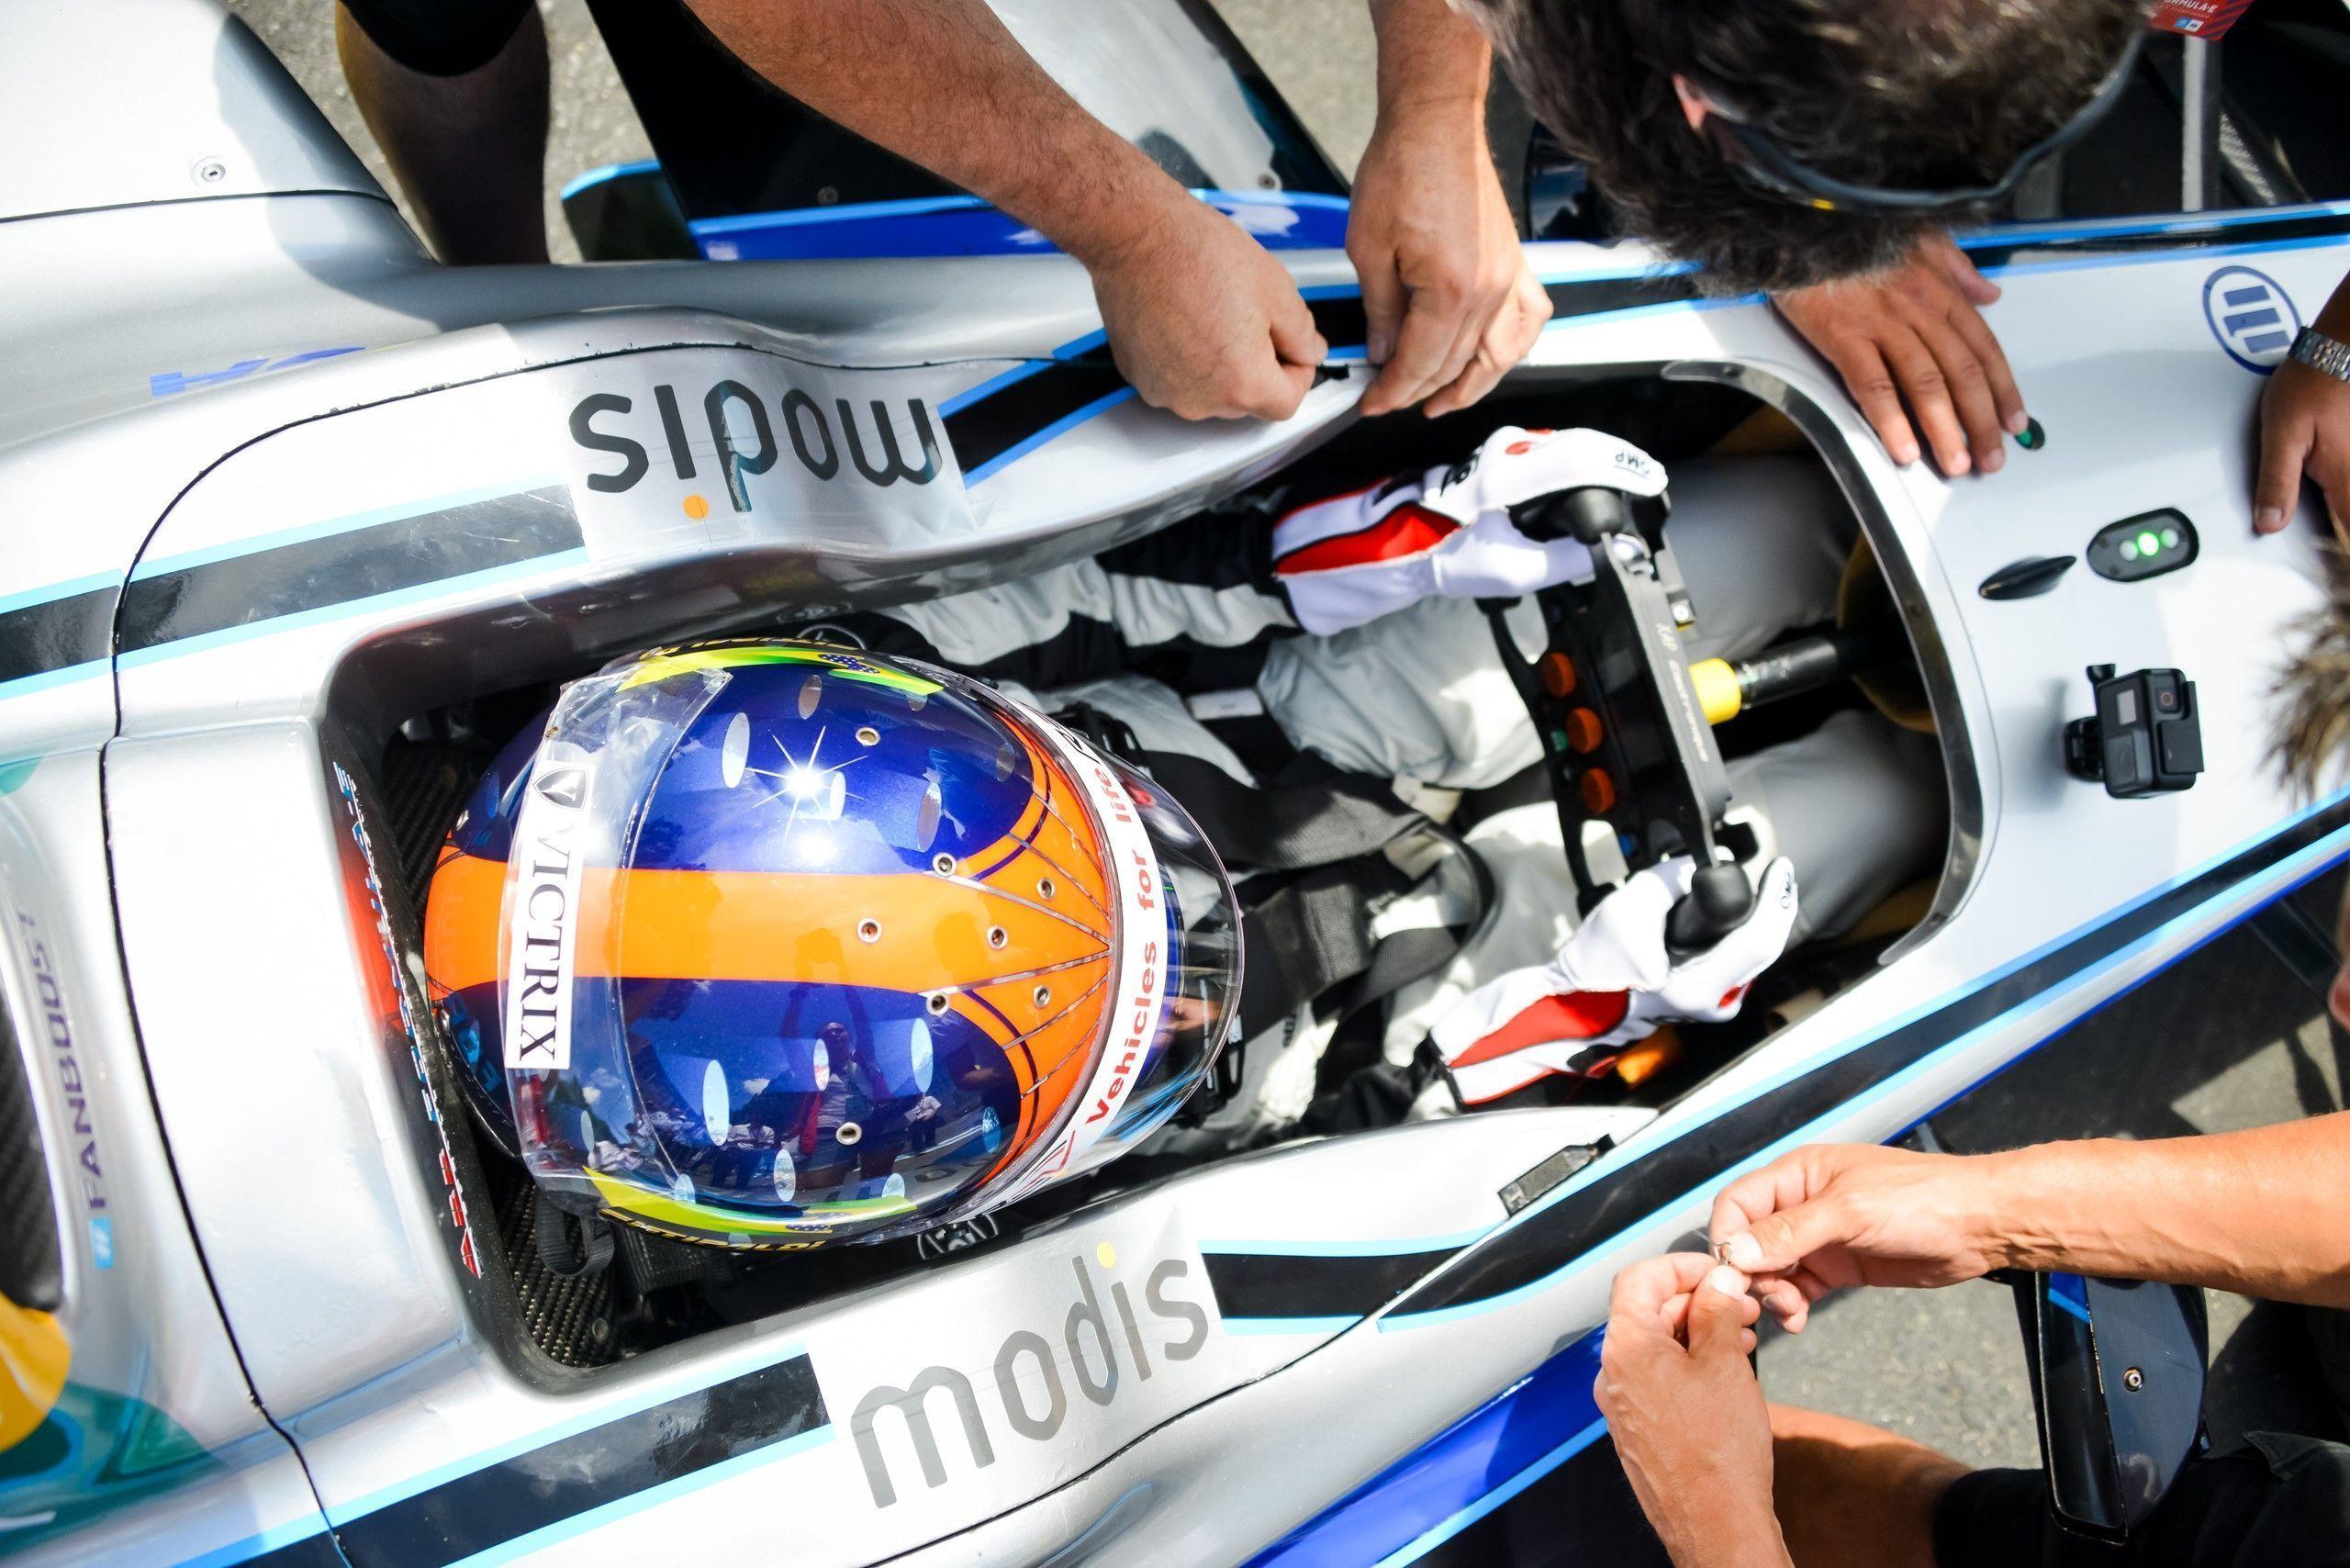 Video: Emerson Fittipaldi drives Formula E car in Zurich